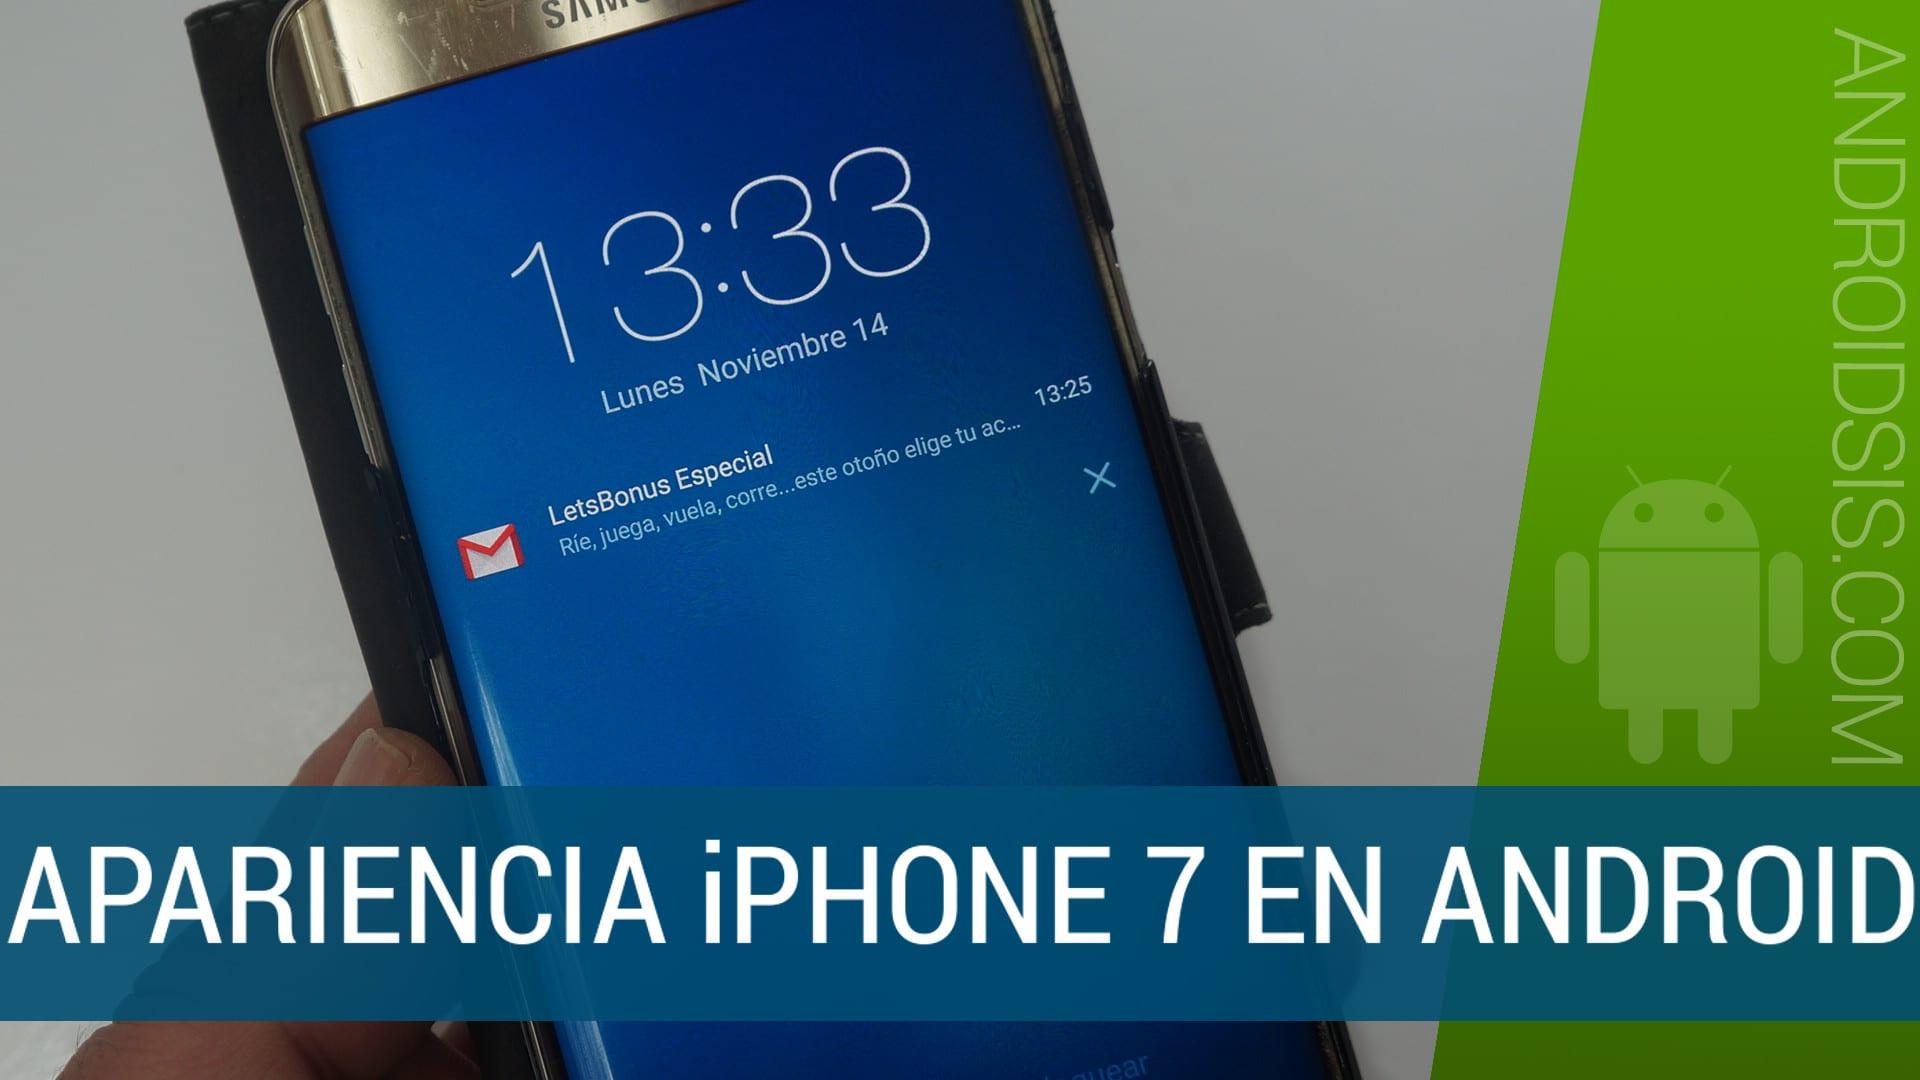 Cómo dar la apariencia del iPhone 7 a tu Android: Bloqueo Launcher y centro de control